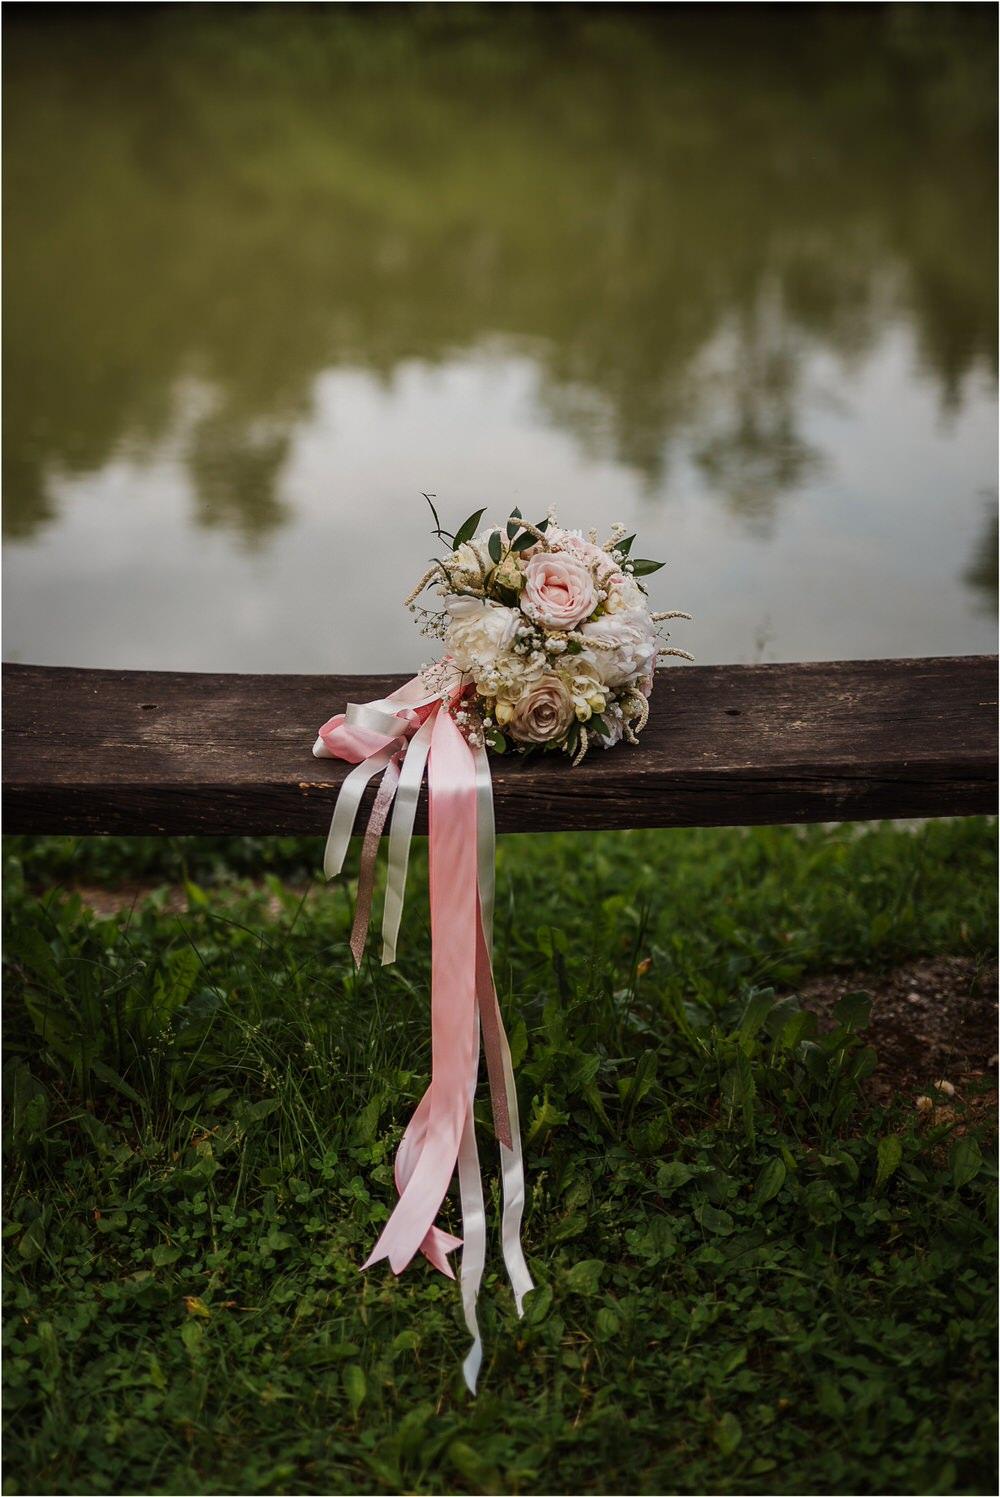 skedenj poroka porocni fotograf fotografiranje elegantna poroka rustikalna poroka pod kozolcem pcakes velesovo mdetail nika grega 0070.jpg